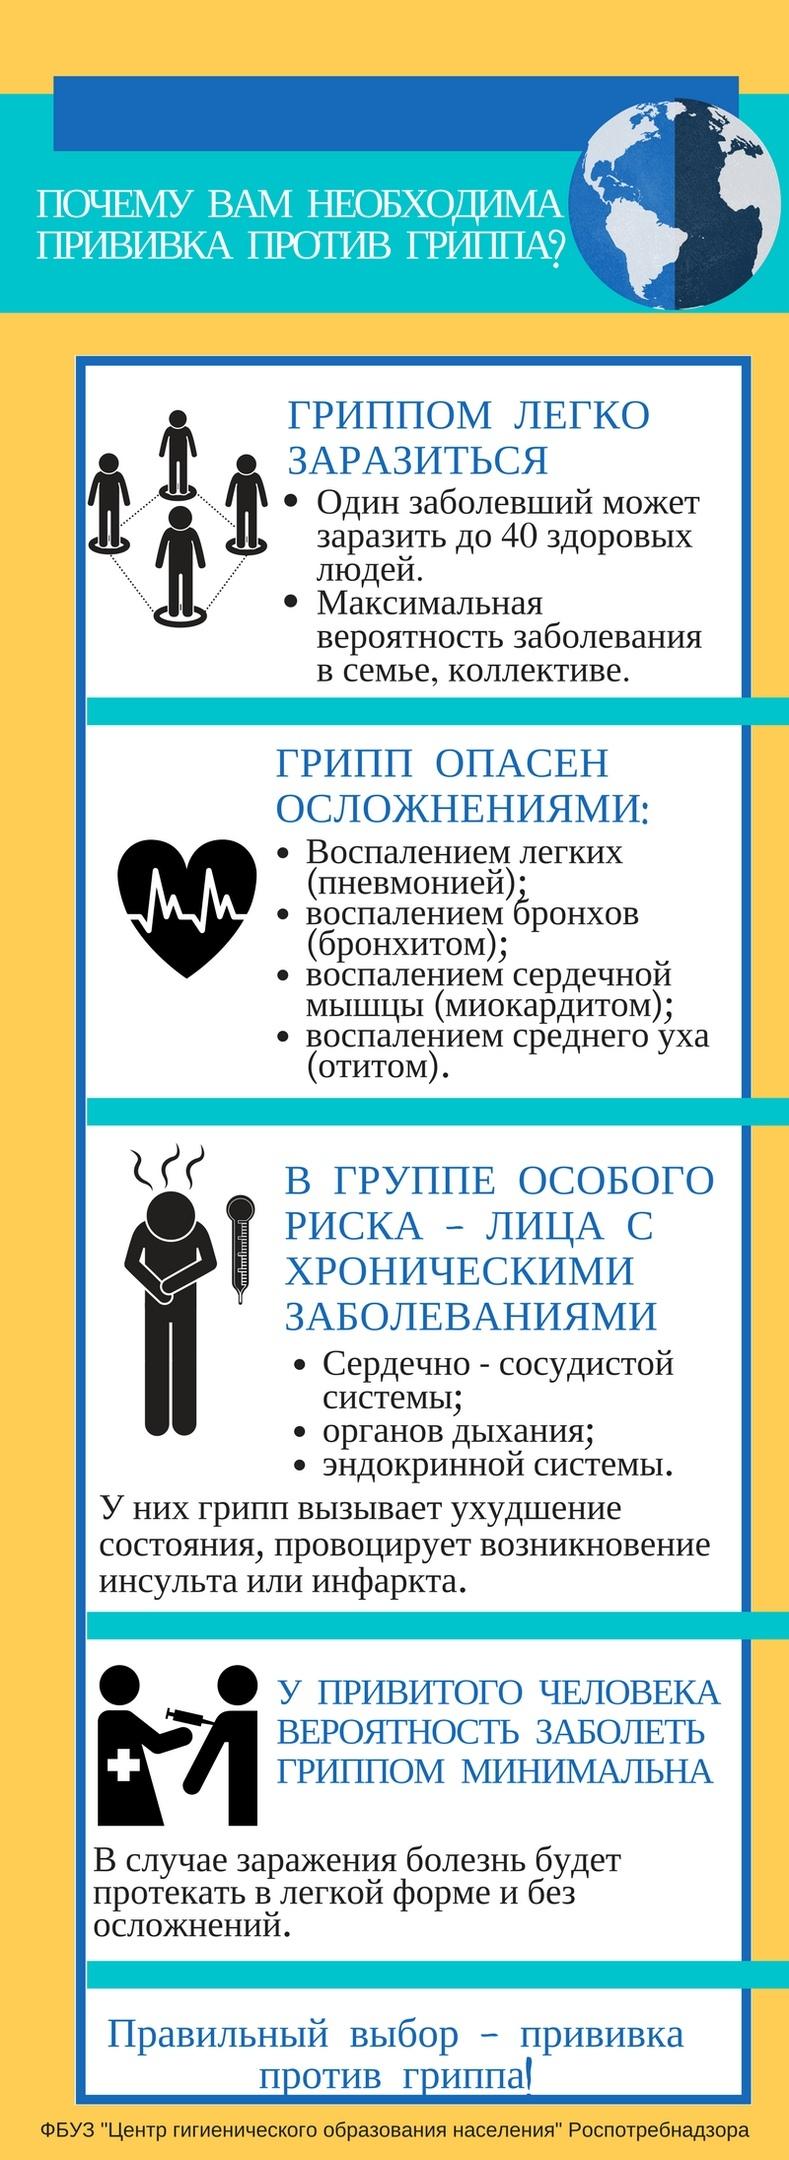 Меры профилактики гриппа., изображение №4